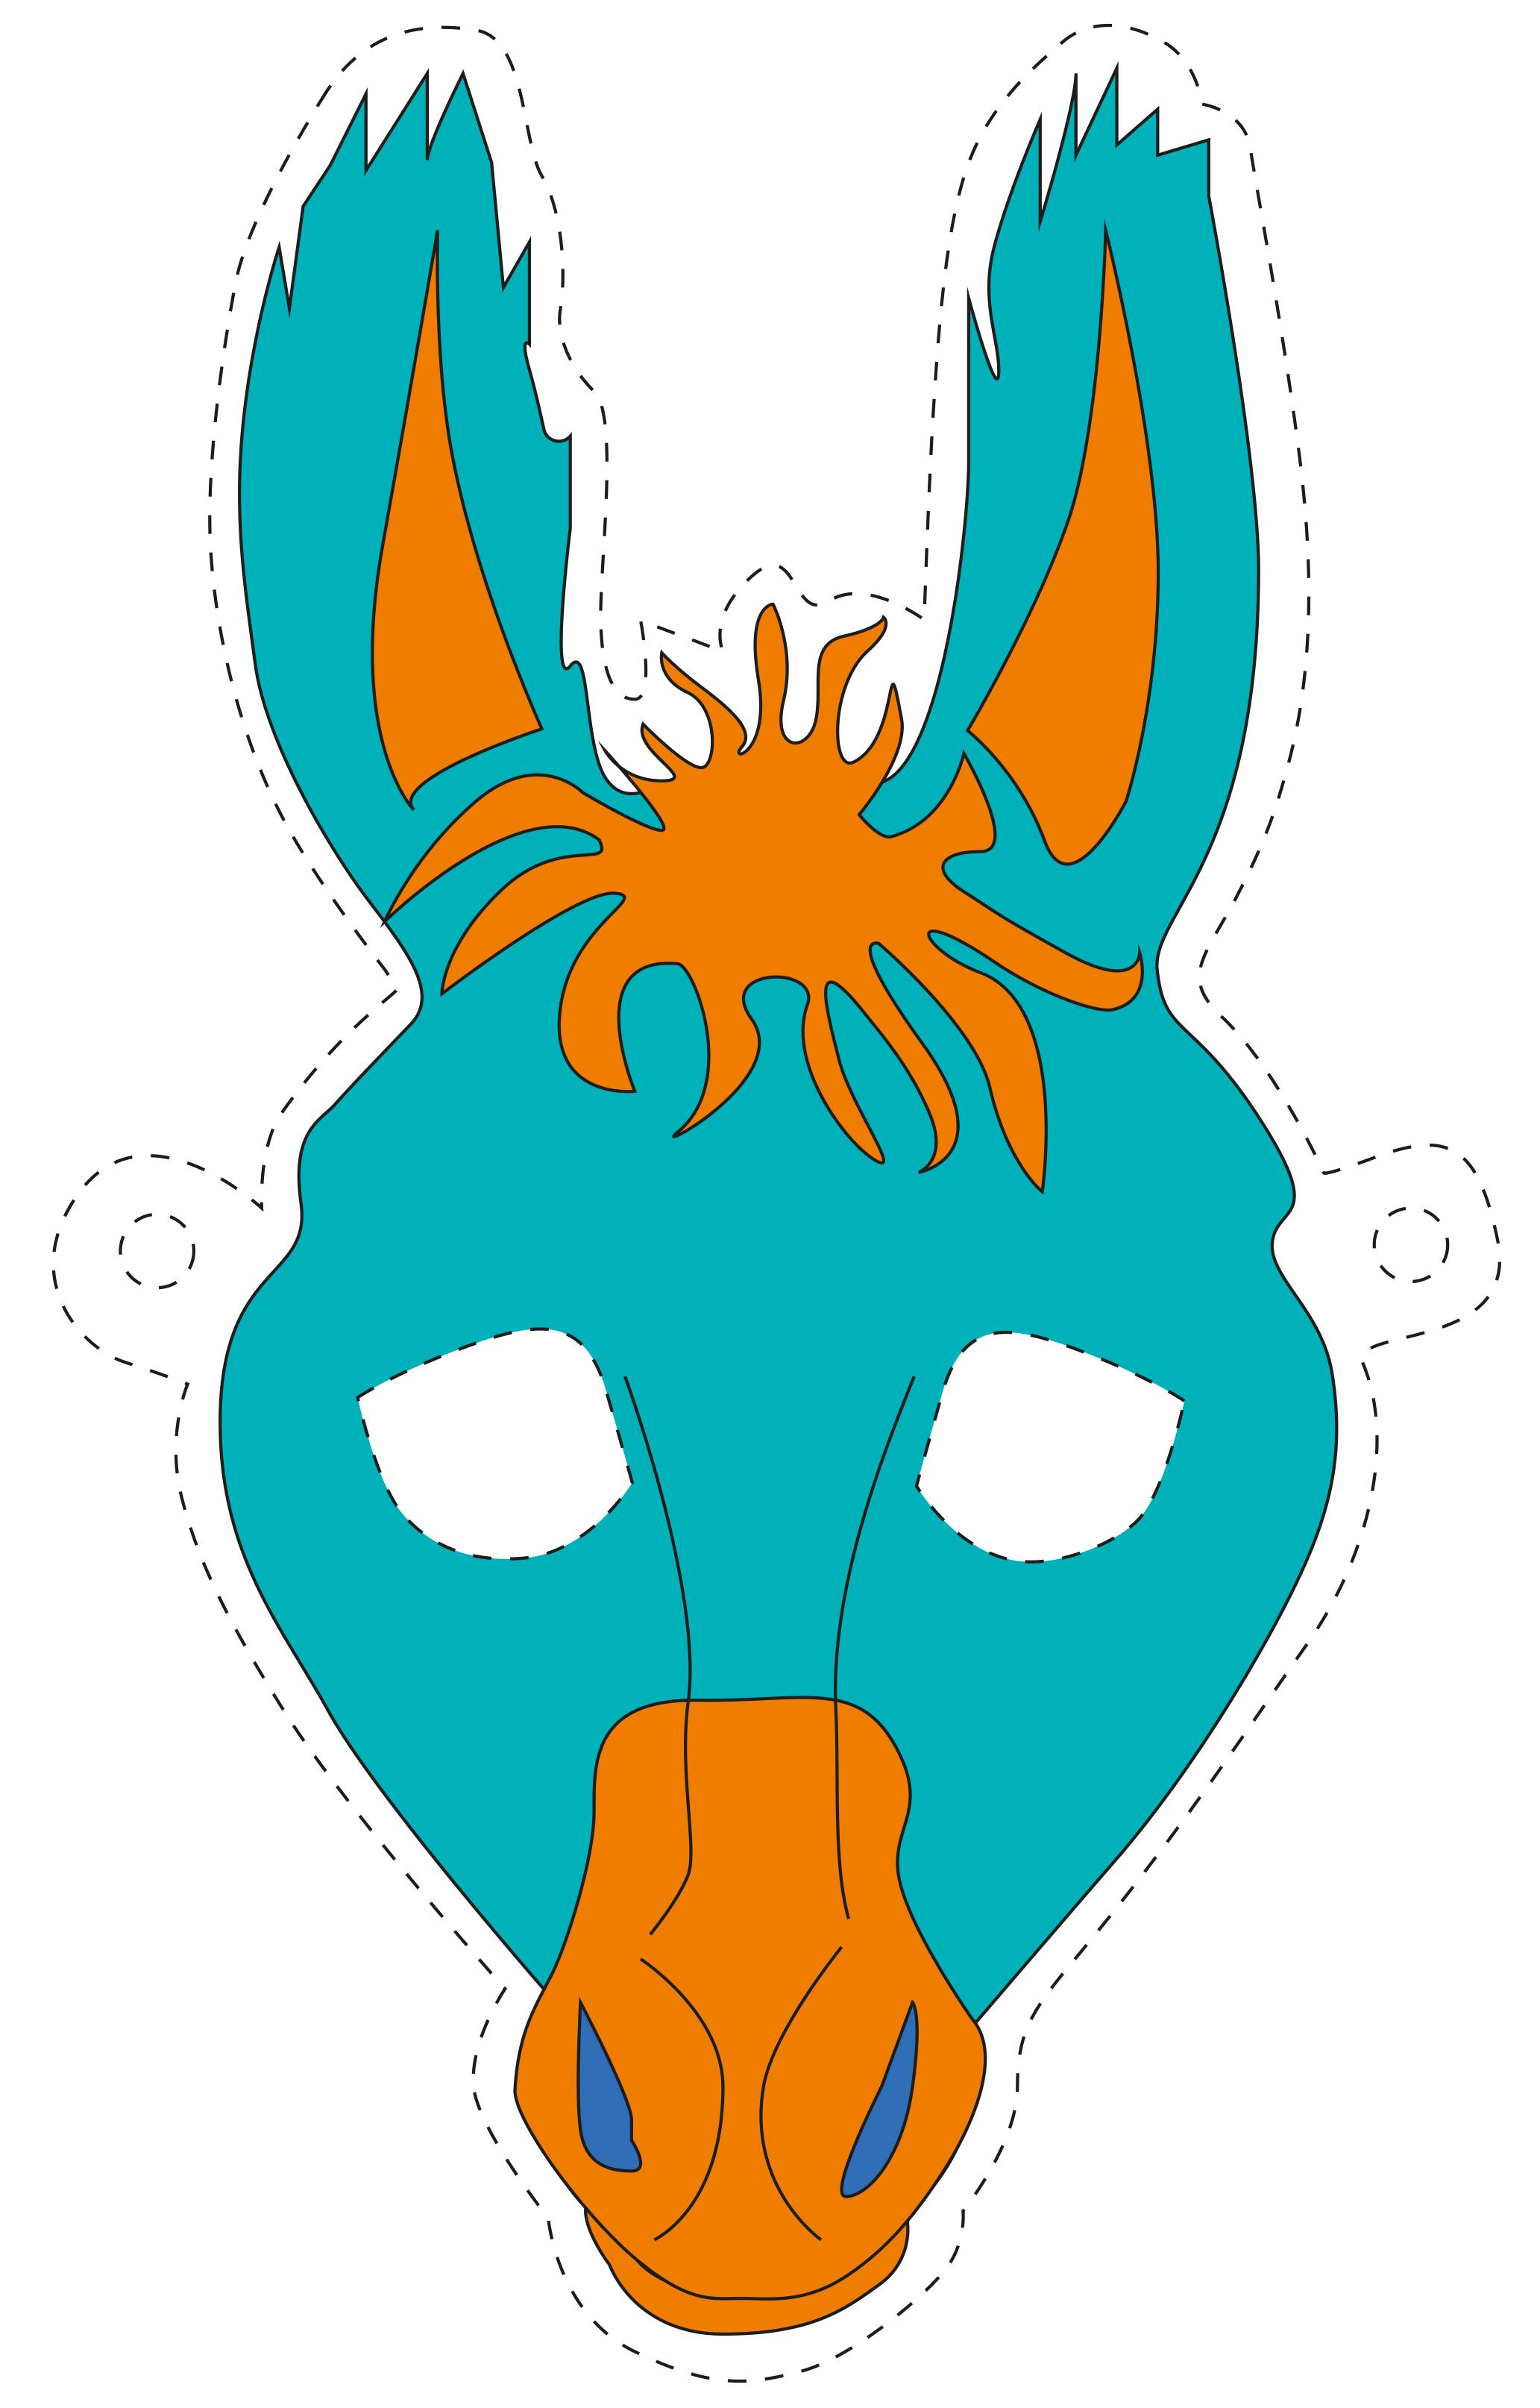 druckvorlagen masken aktion prindo zoo. Black Bedroom Furniture Sets. Home Design Ideas